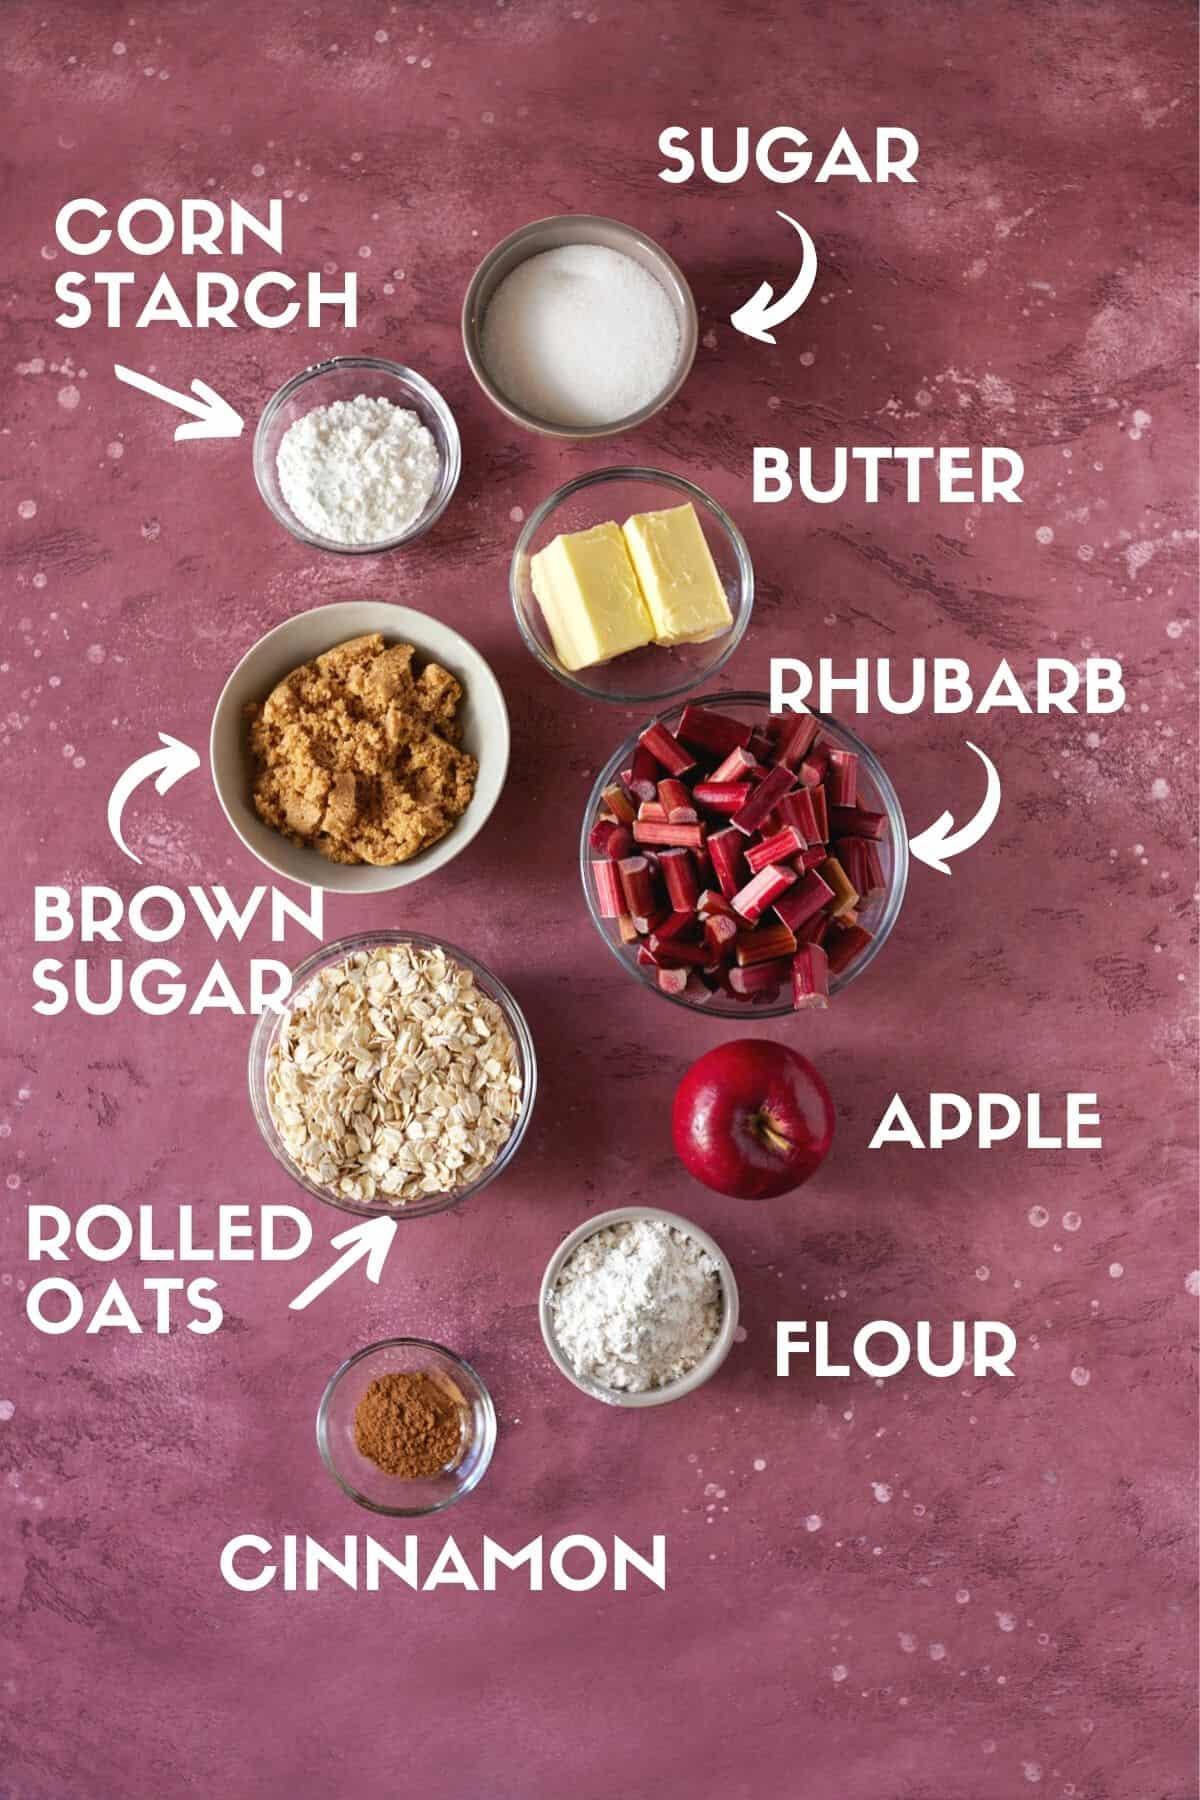 ingredients needed for apple rhubarb crisp.